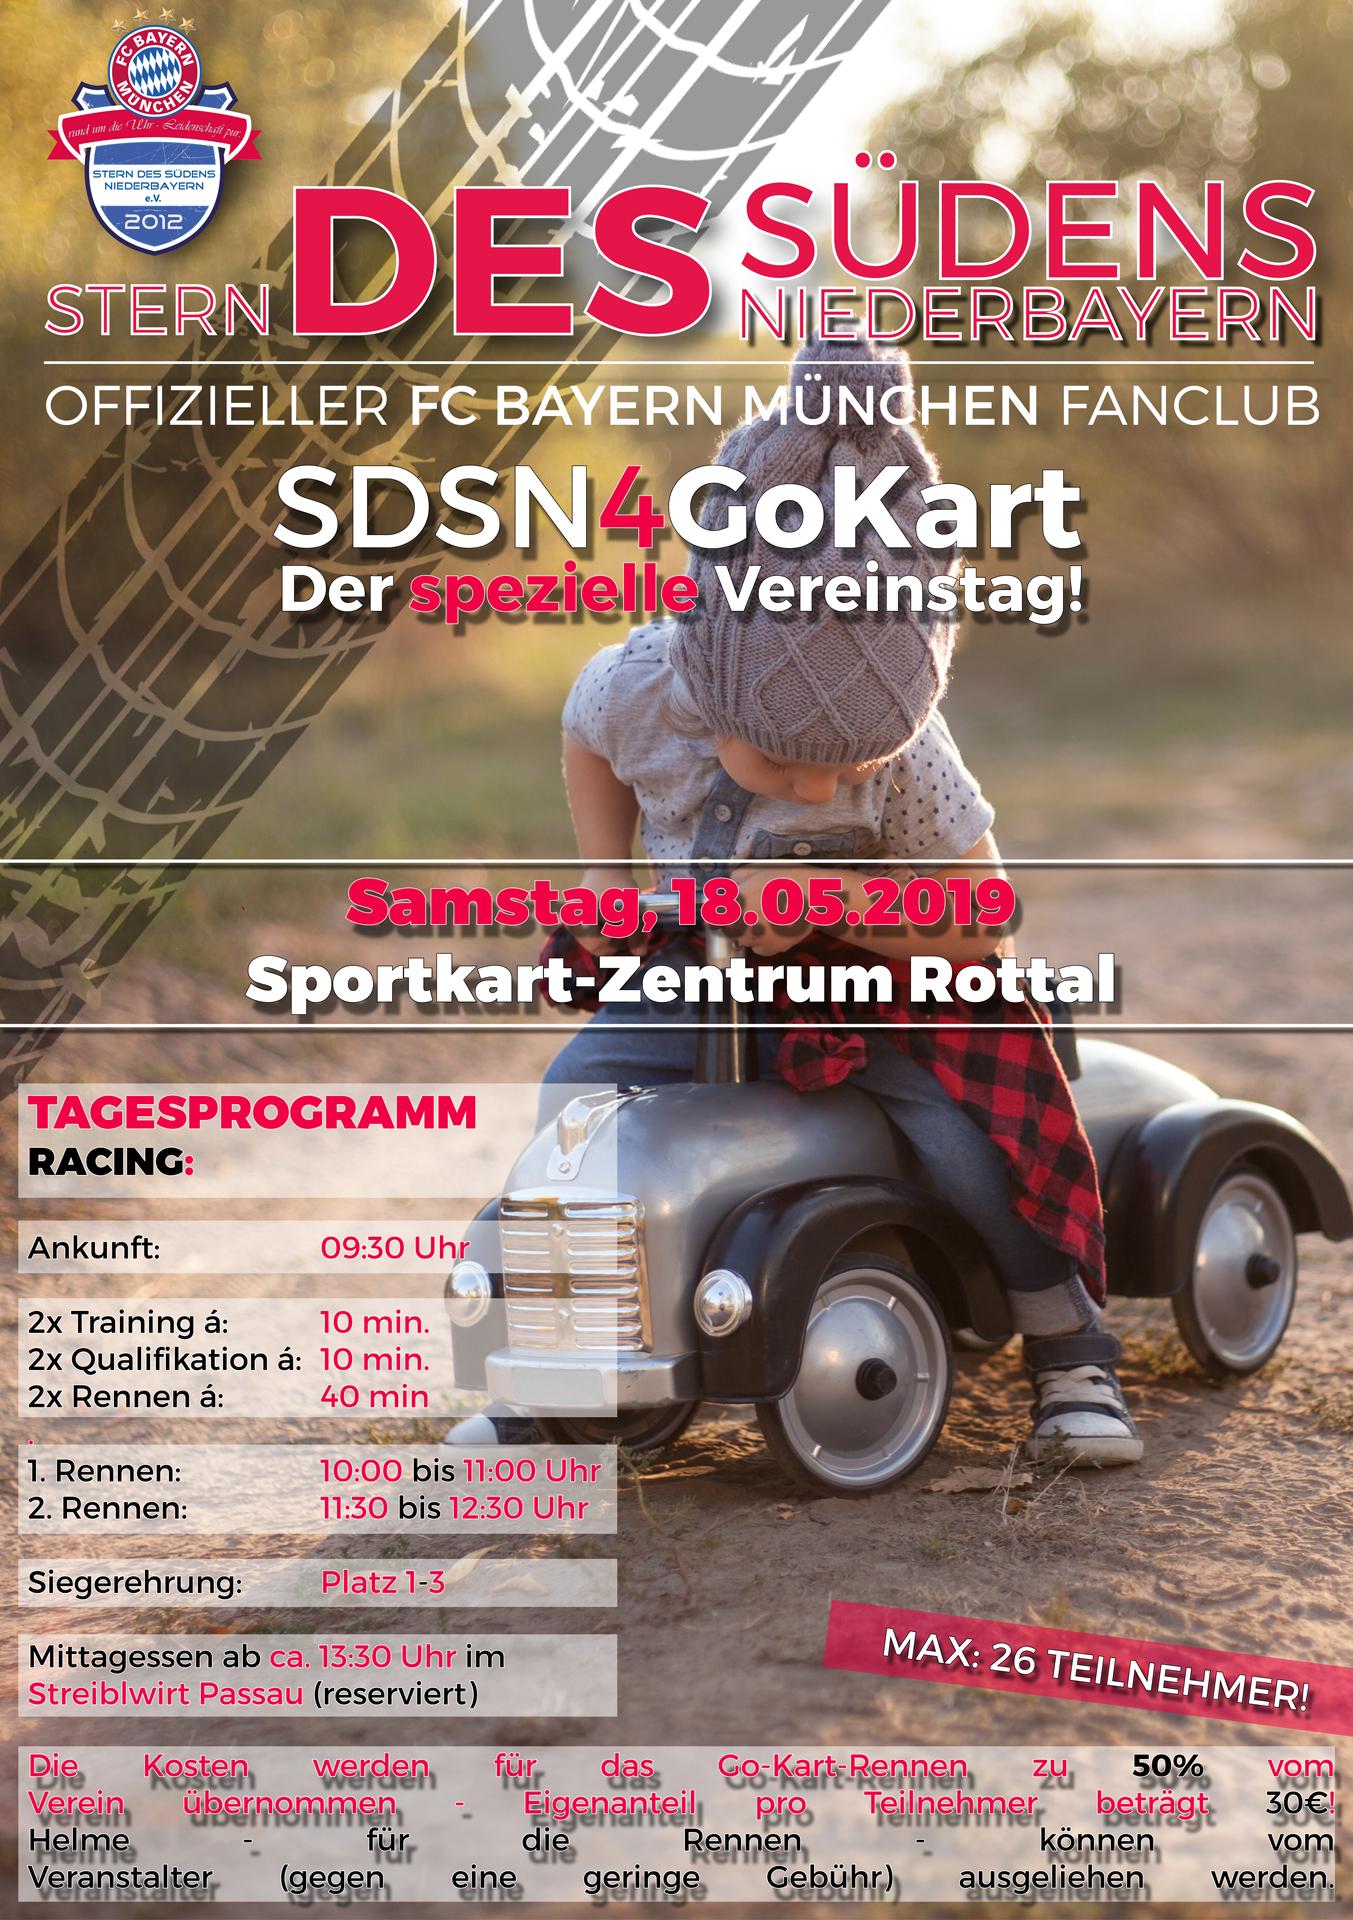 SDSN Go-Kart 2019 | Veranstaltung